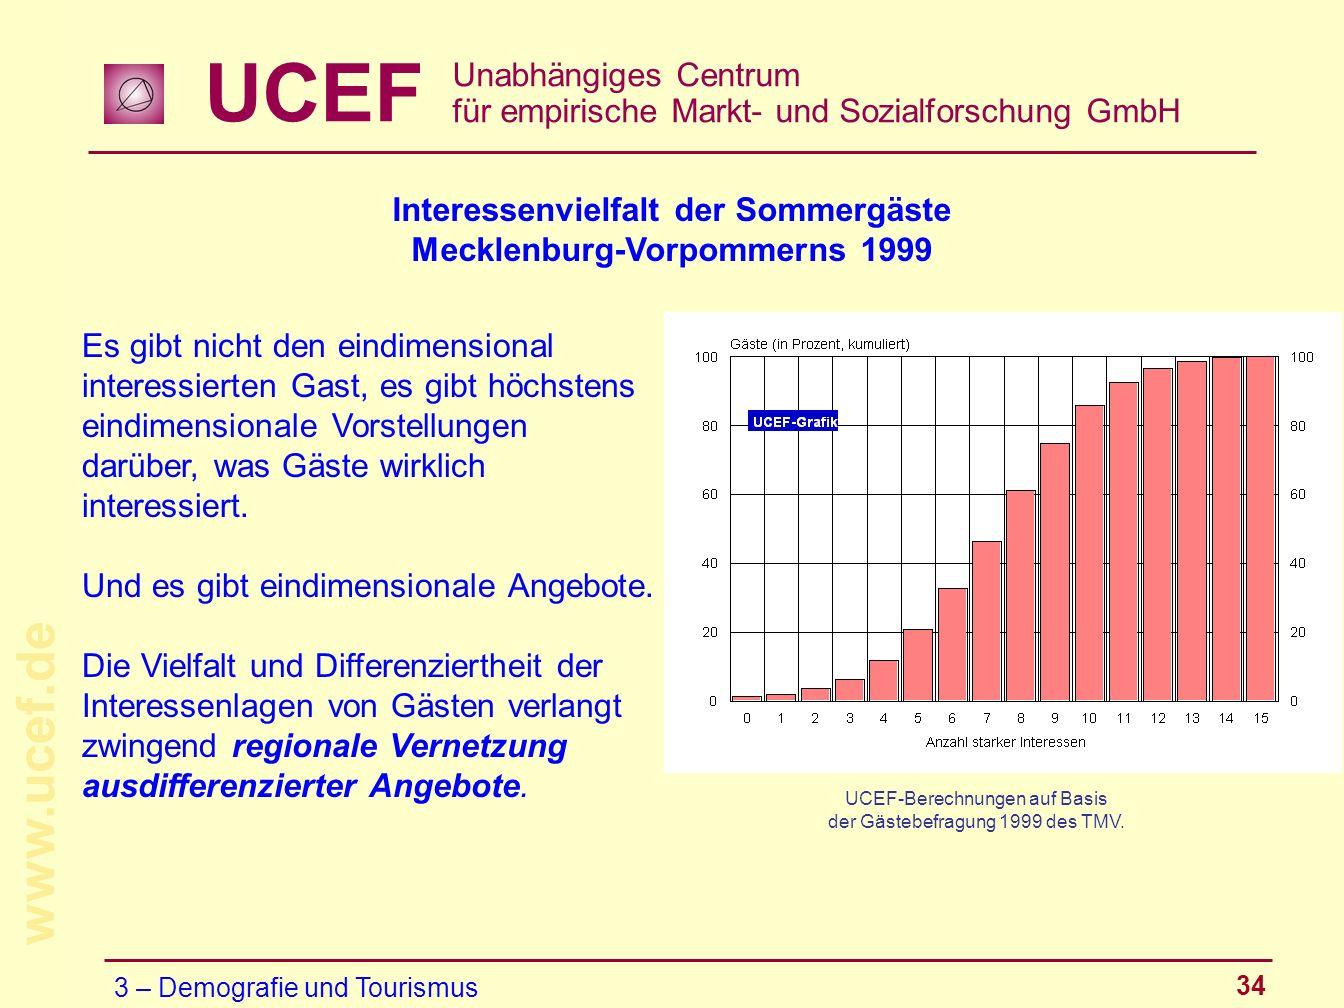 Interessenvielfalt der Sommergäste Mecklenburg-Vorpommerns 1999